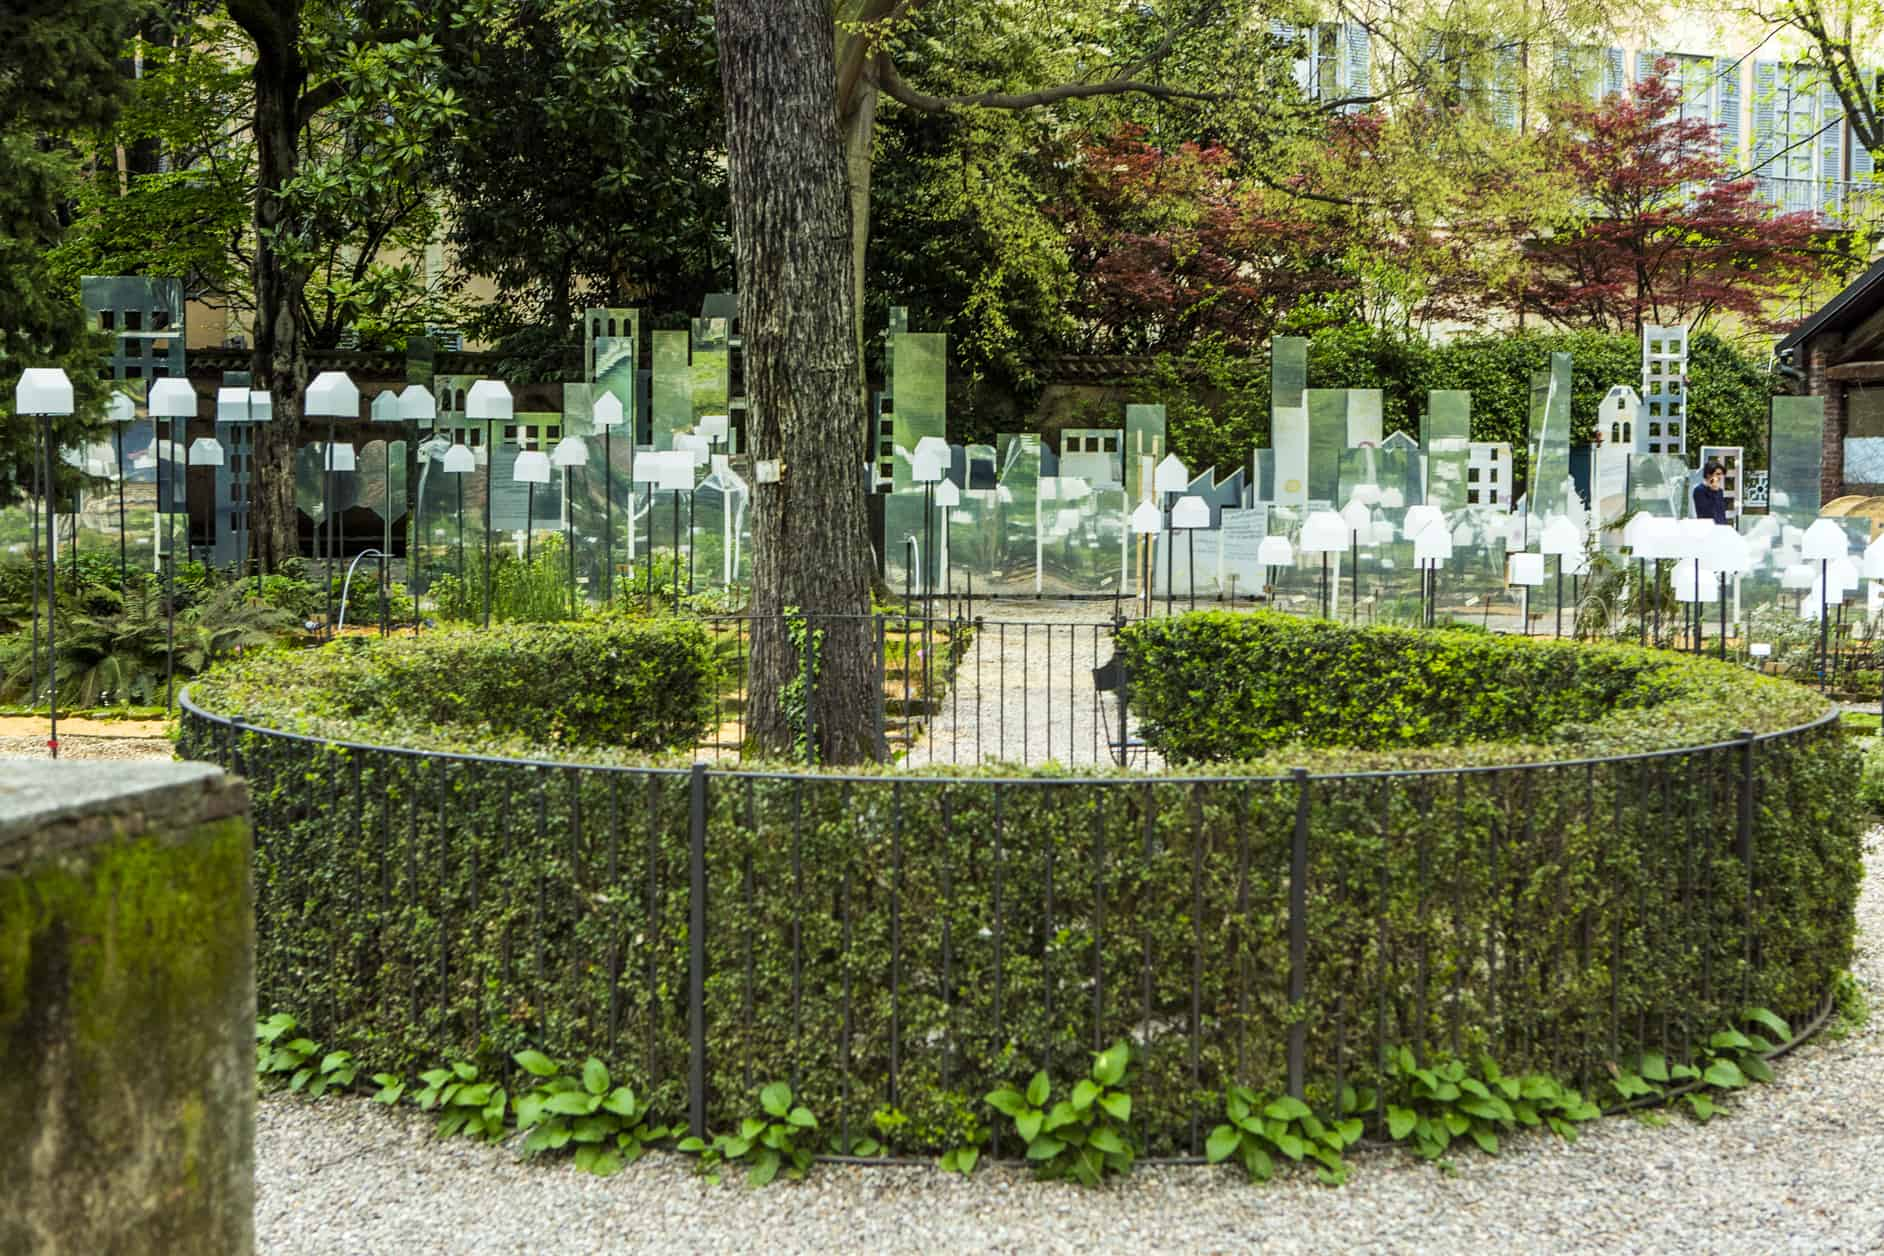 Milanon orto botanico di brera mdm art link